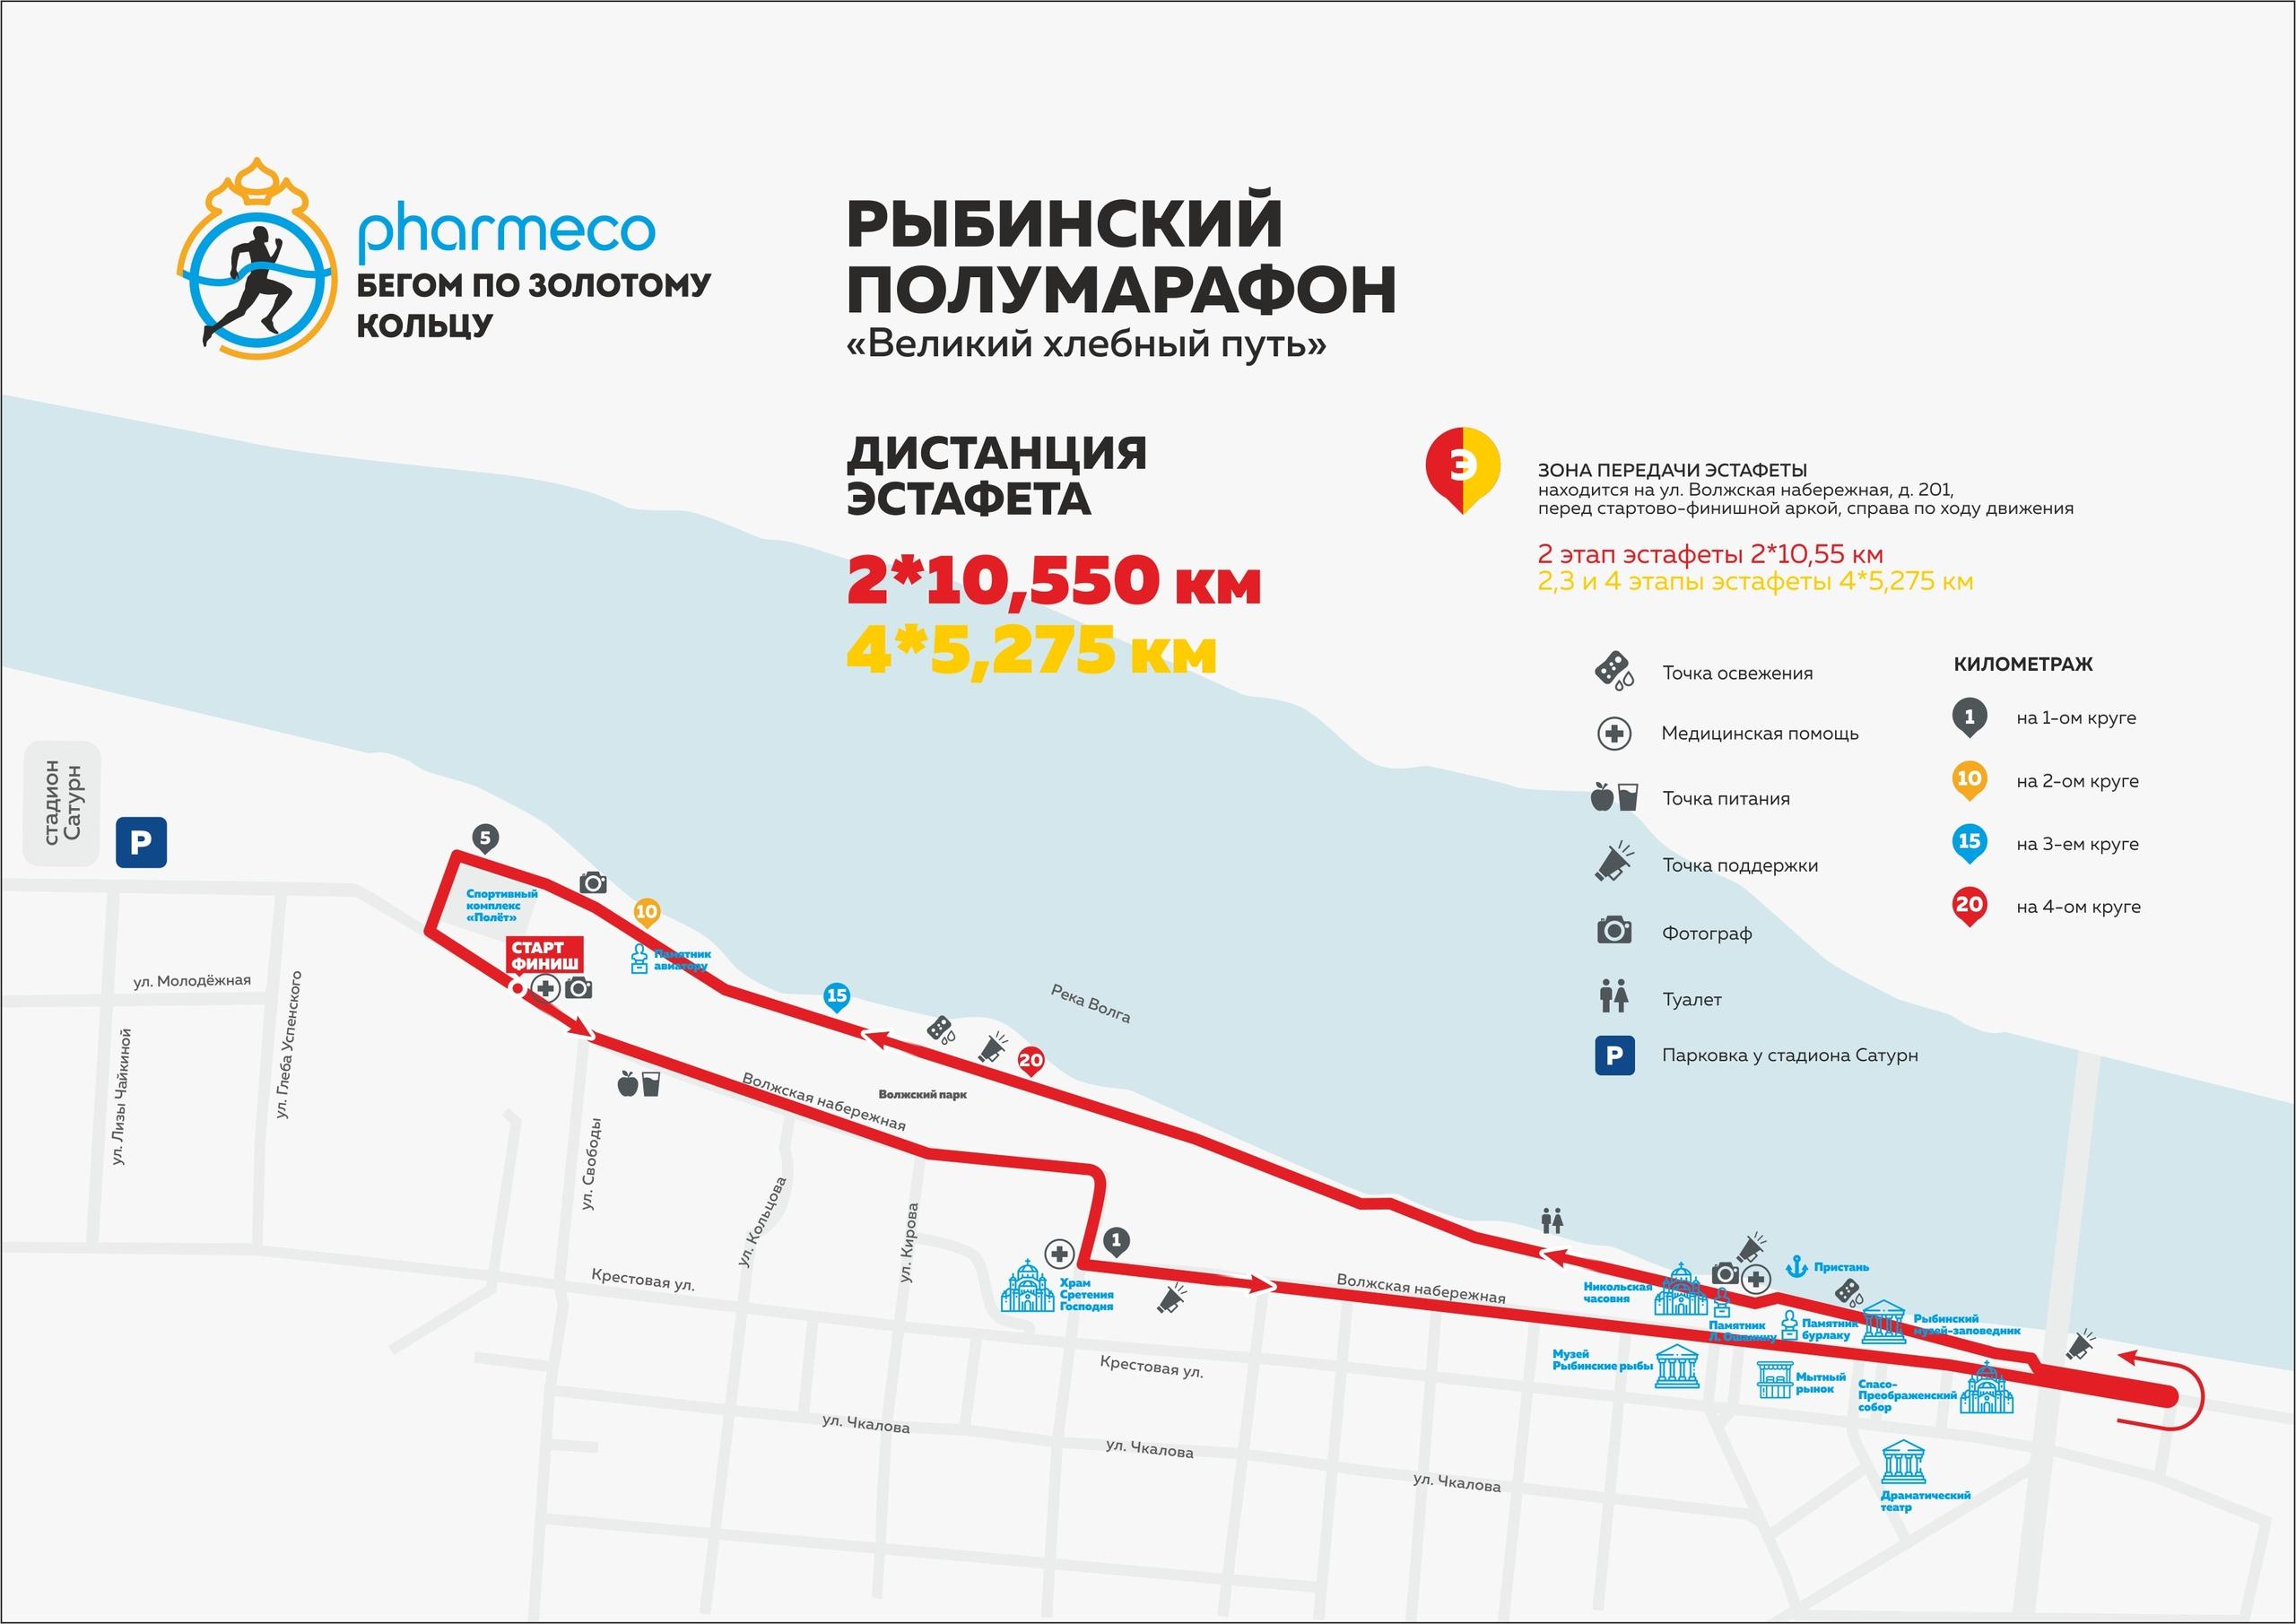 Дистанция эстафеты 2х10 км - Рыбинский полумарафон 2020